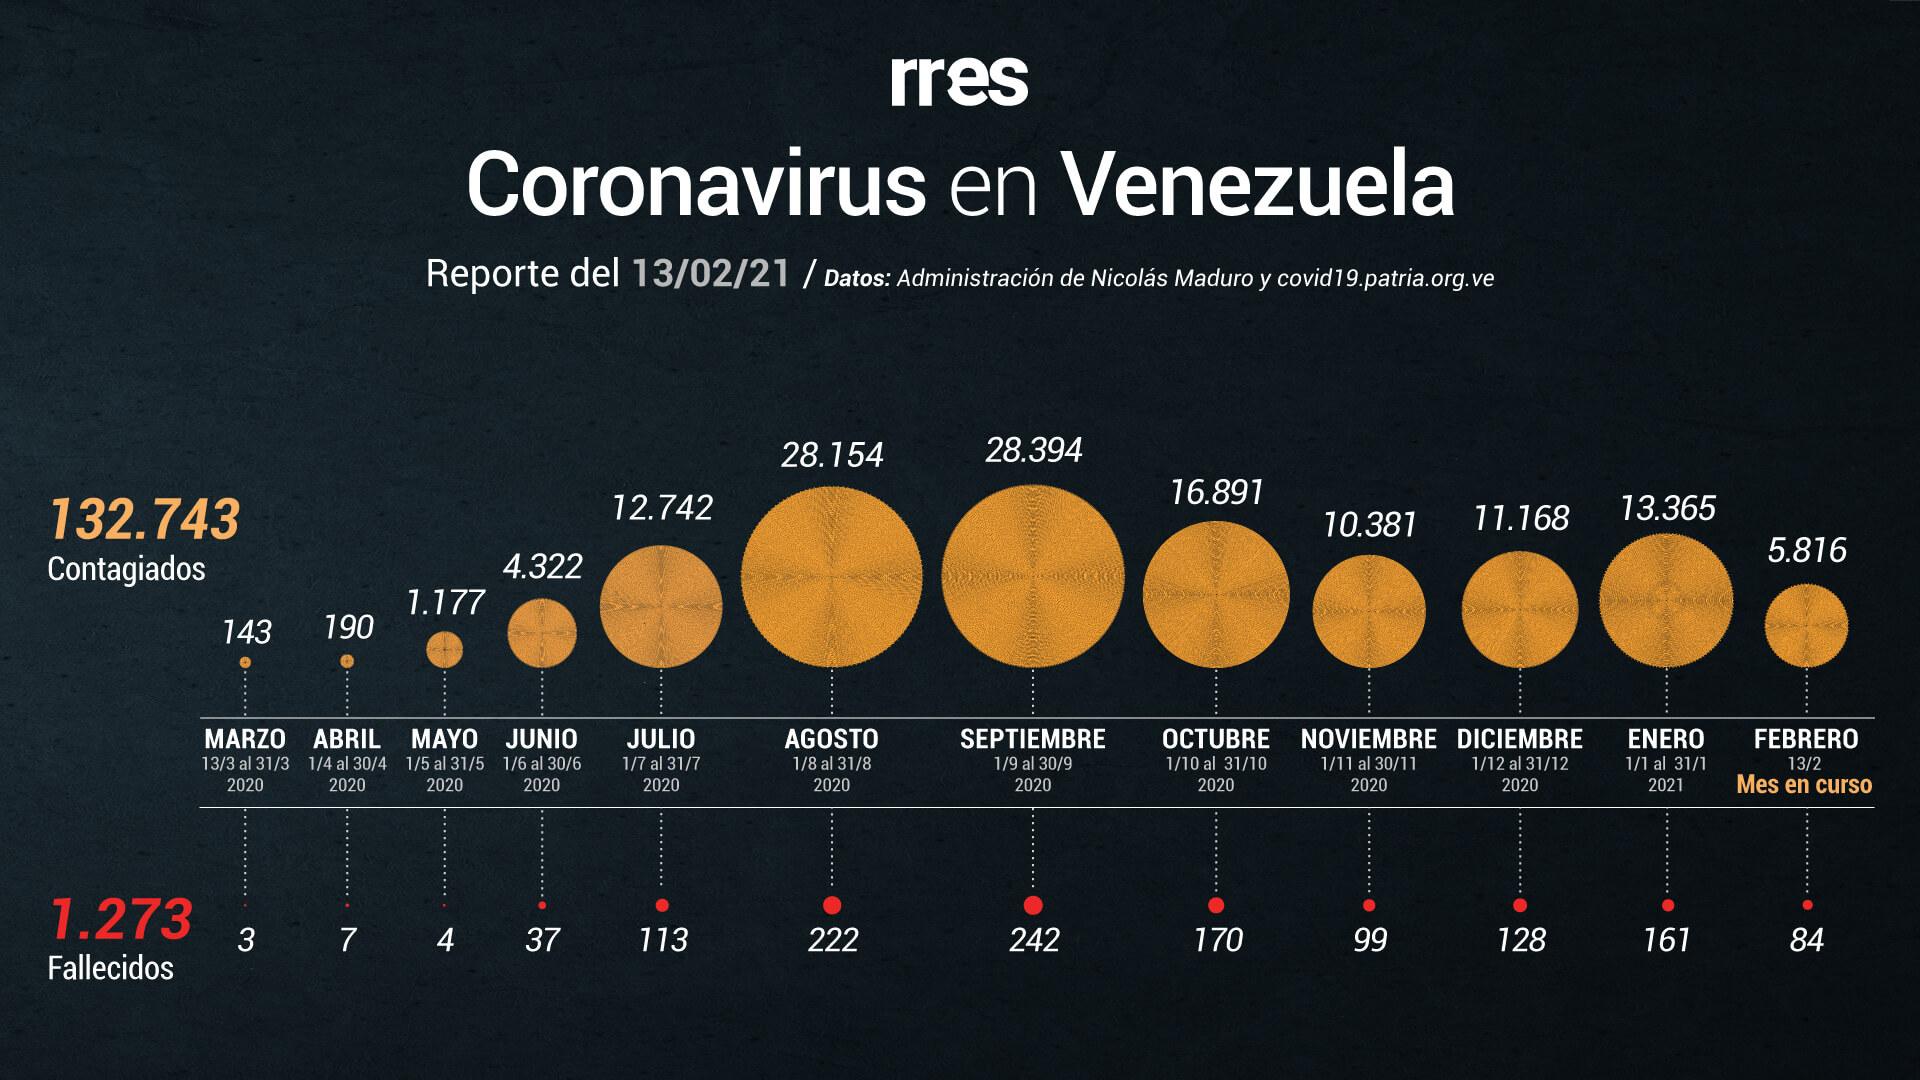 Venezuela reporta 6 fallecidos por COVID-19 y 484 nuevos casos este #13Feb